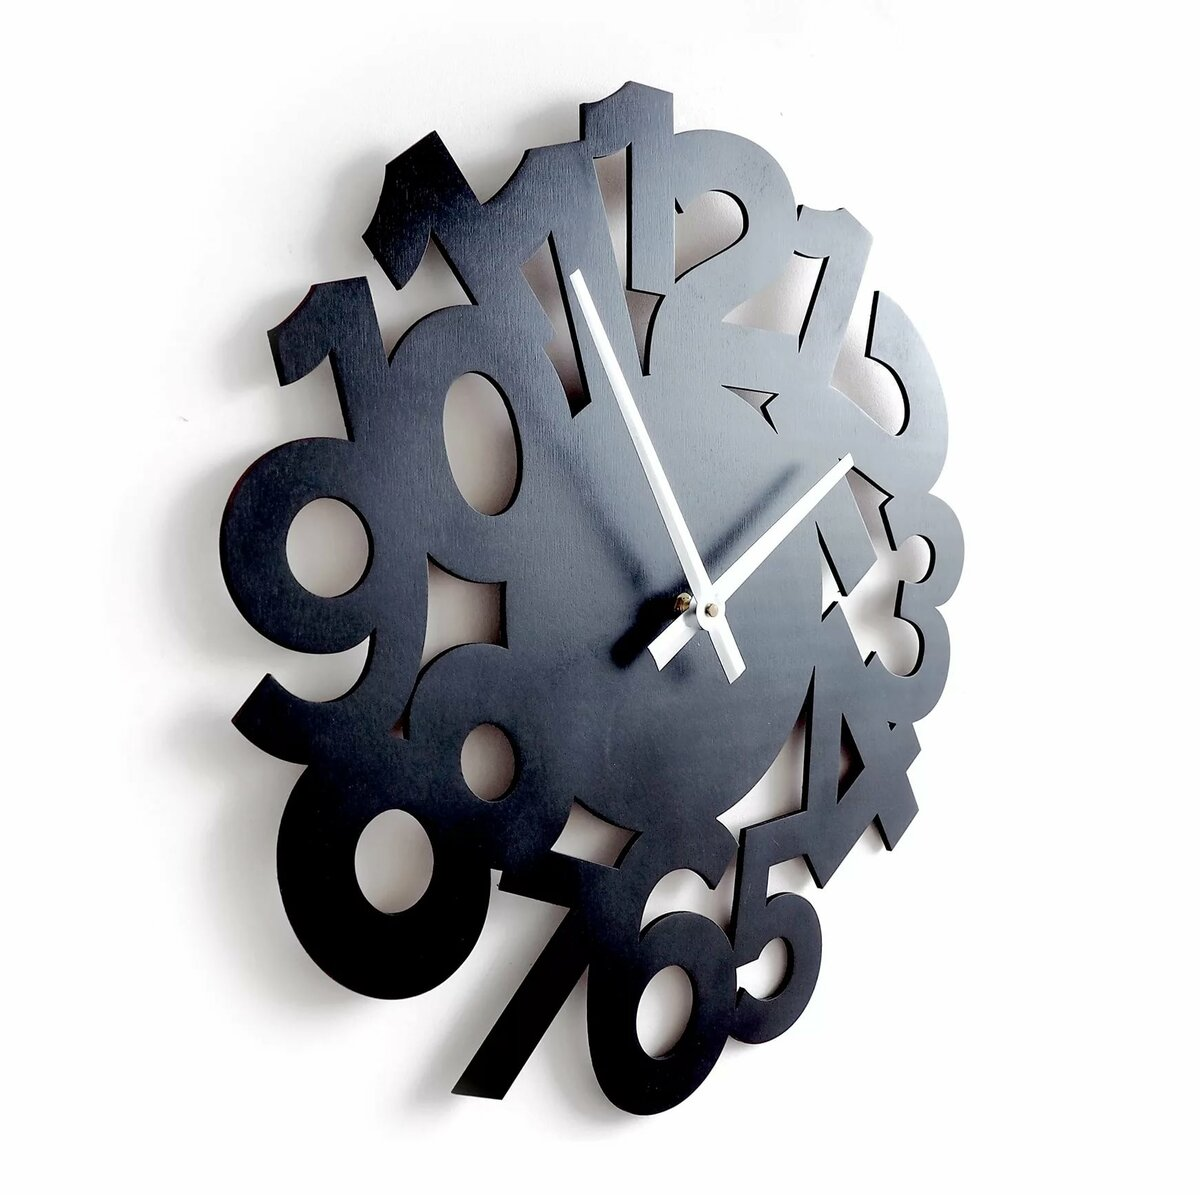 часы магазин часов картинки пожар